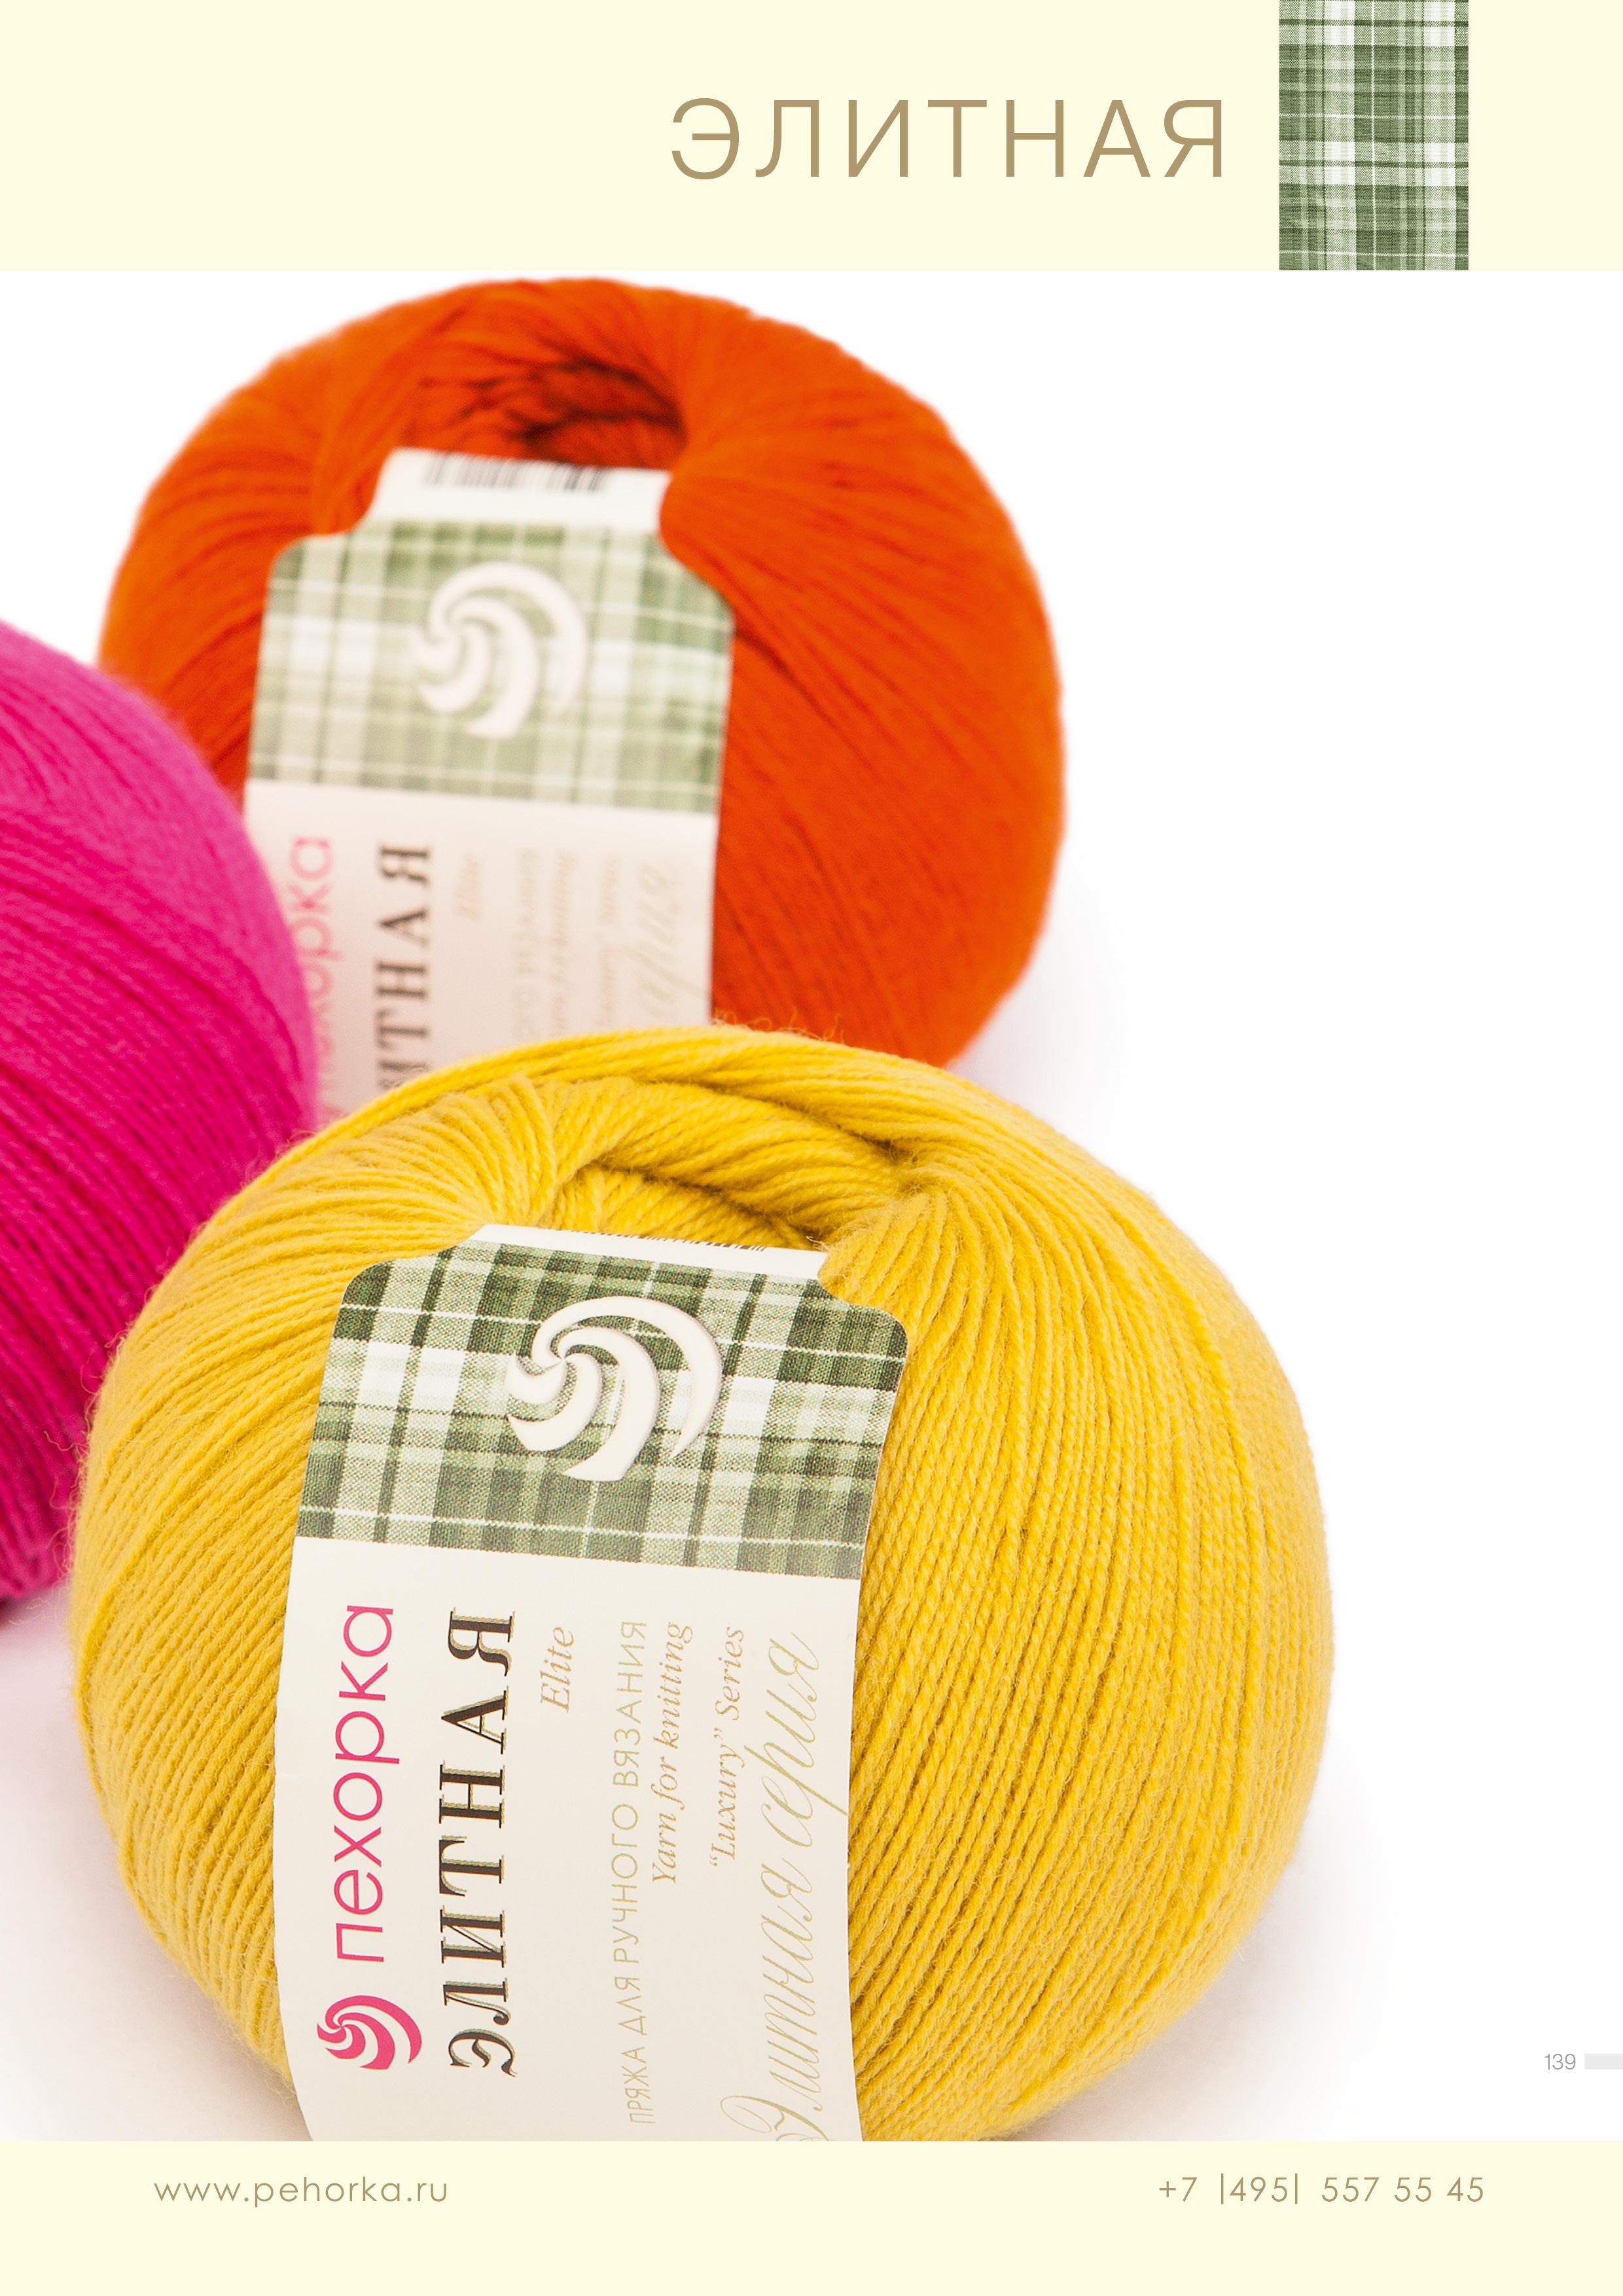 Где вы покупаете пряжу для вязания